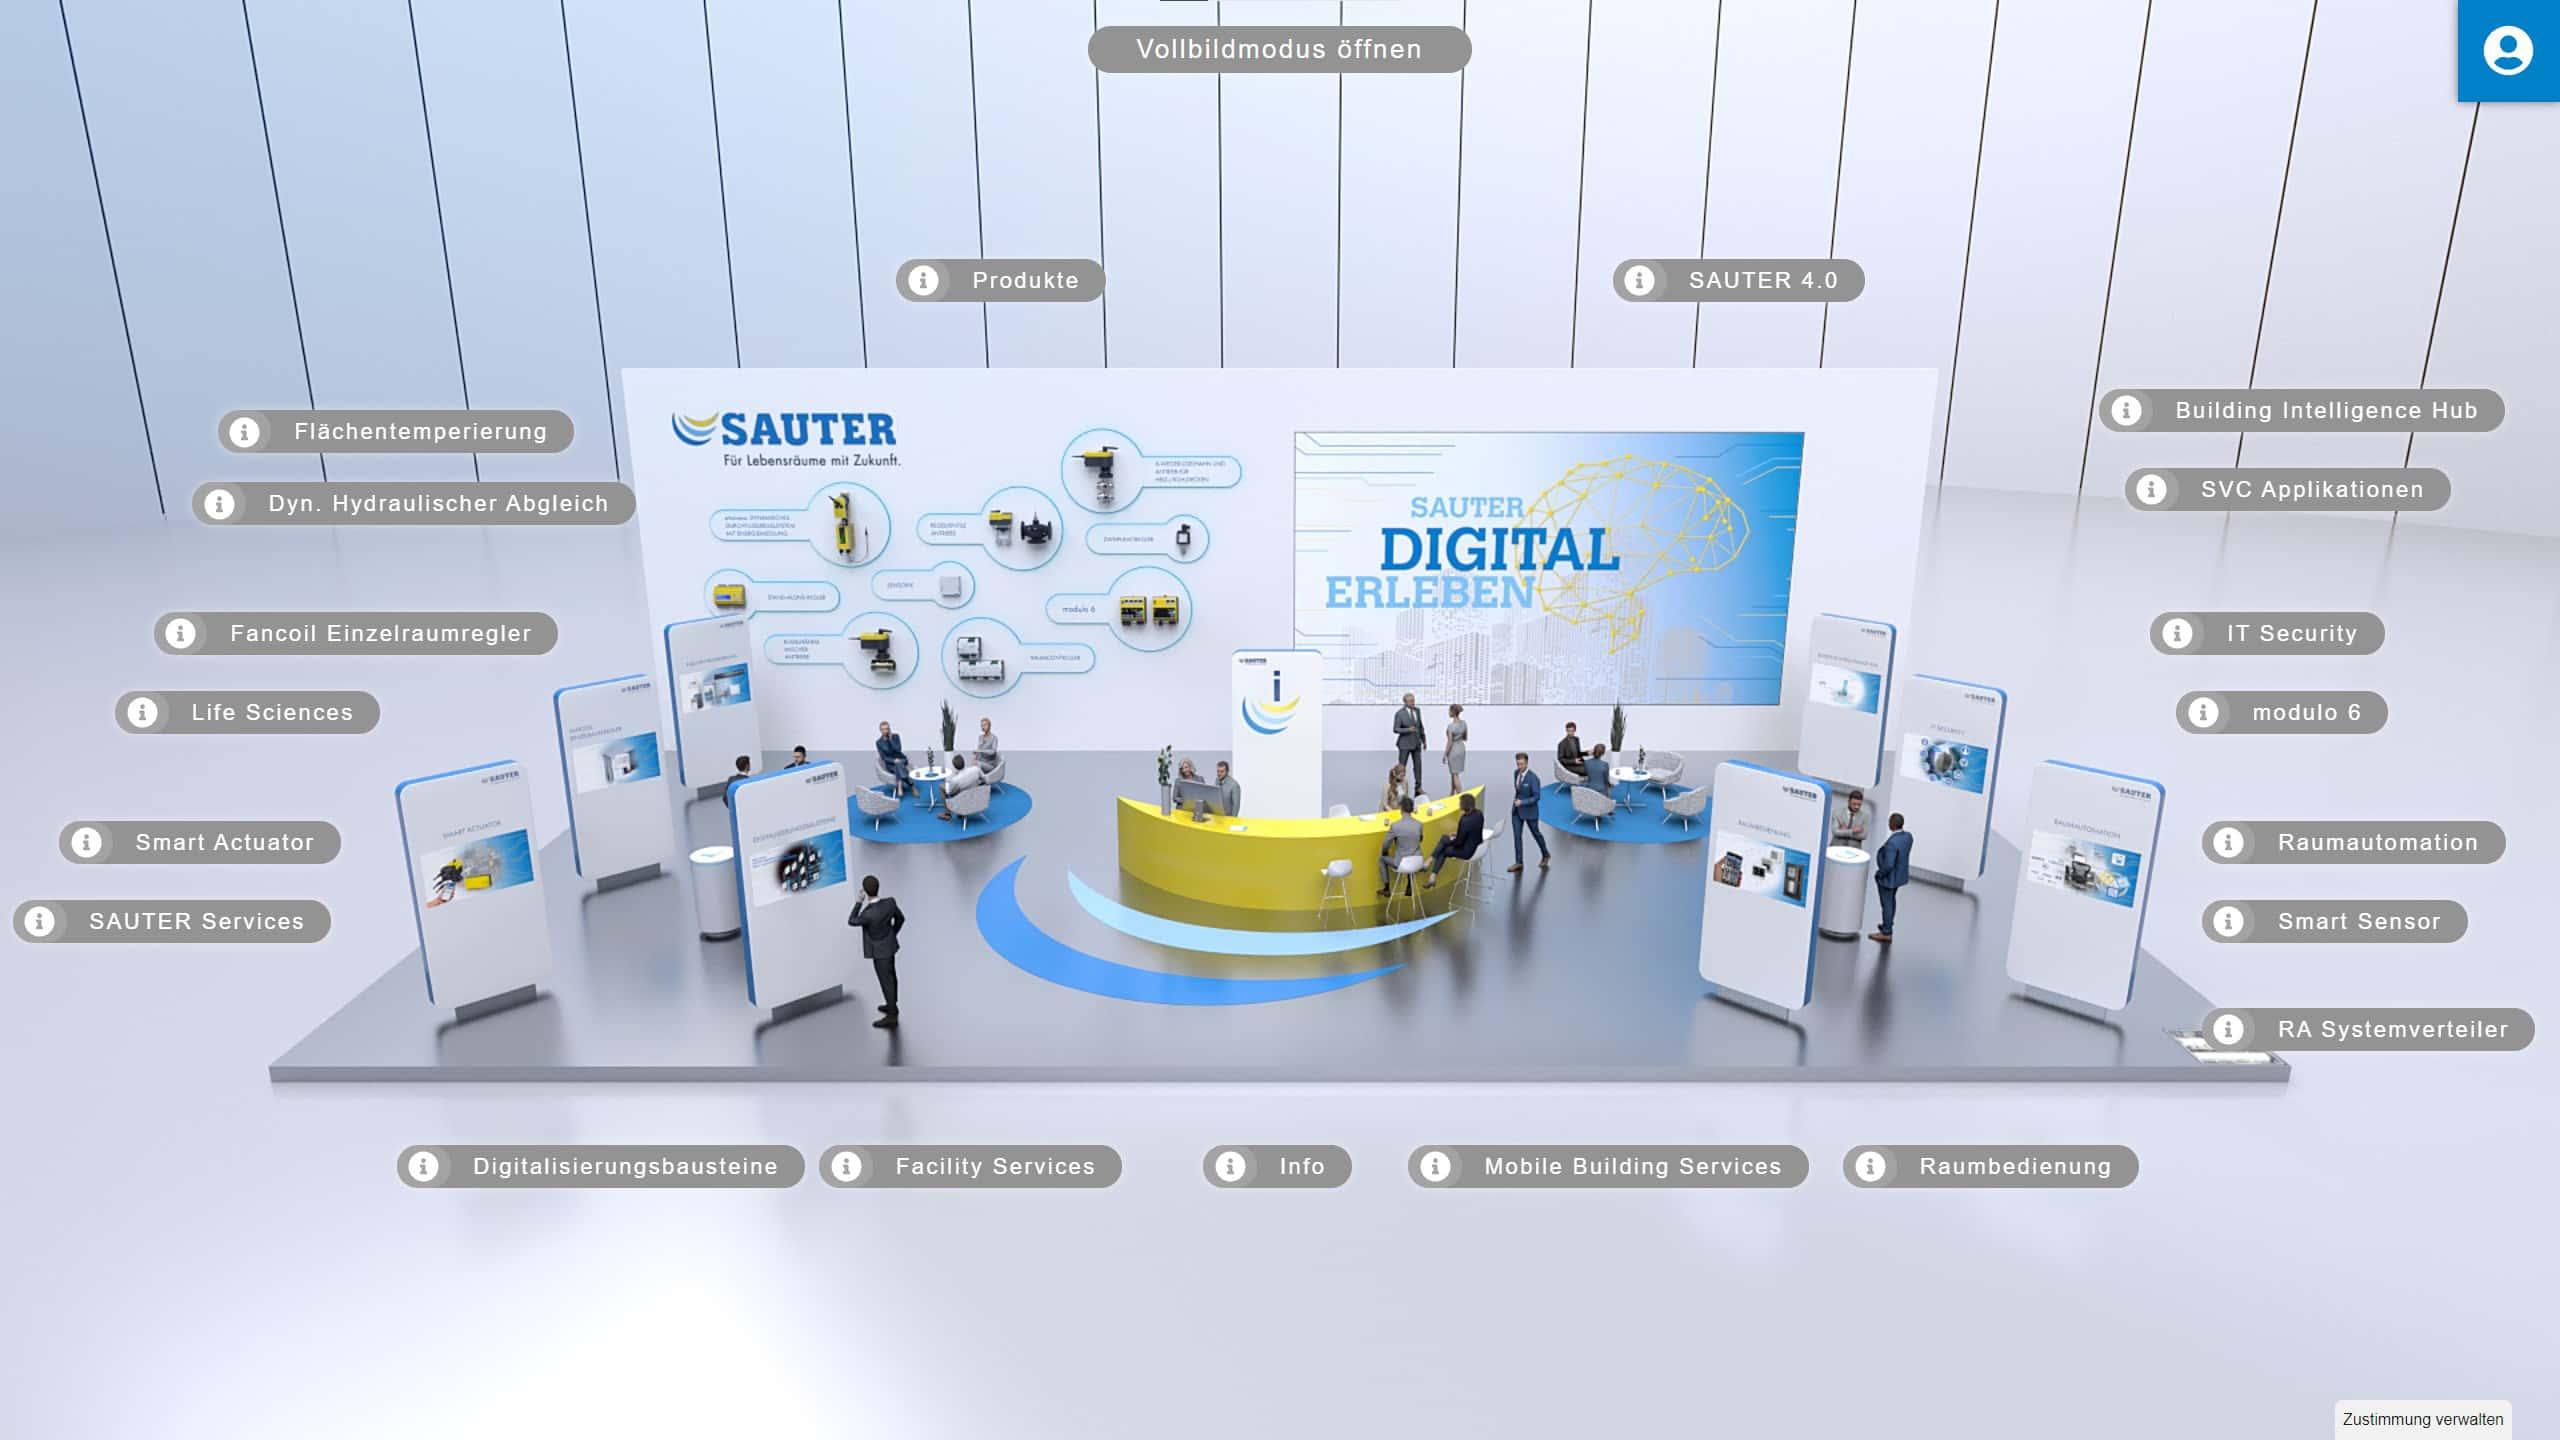 Virtueller Messestand der Firma Sauter, entwickelt und gestaltet von commacross.